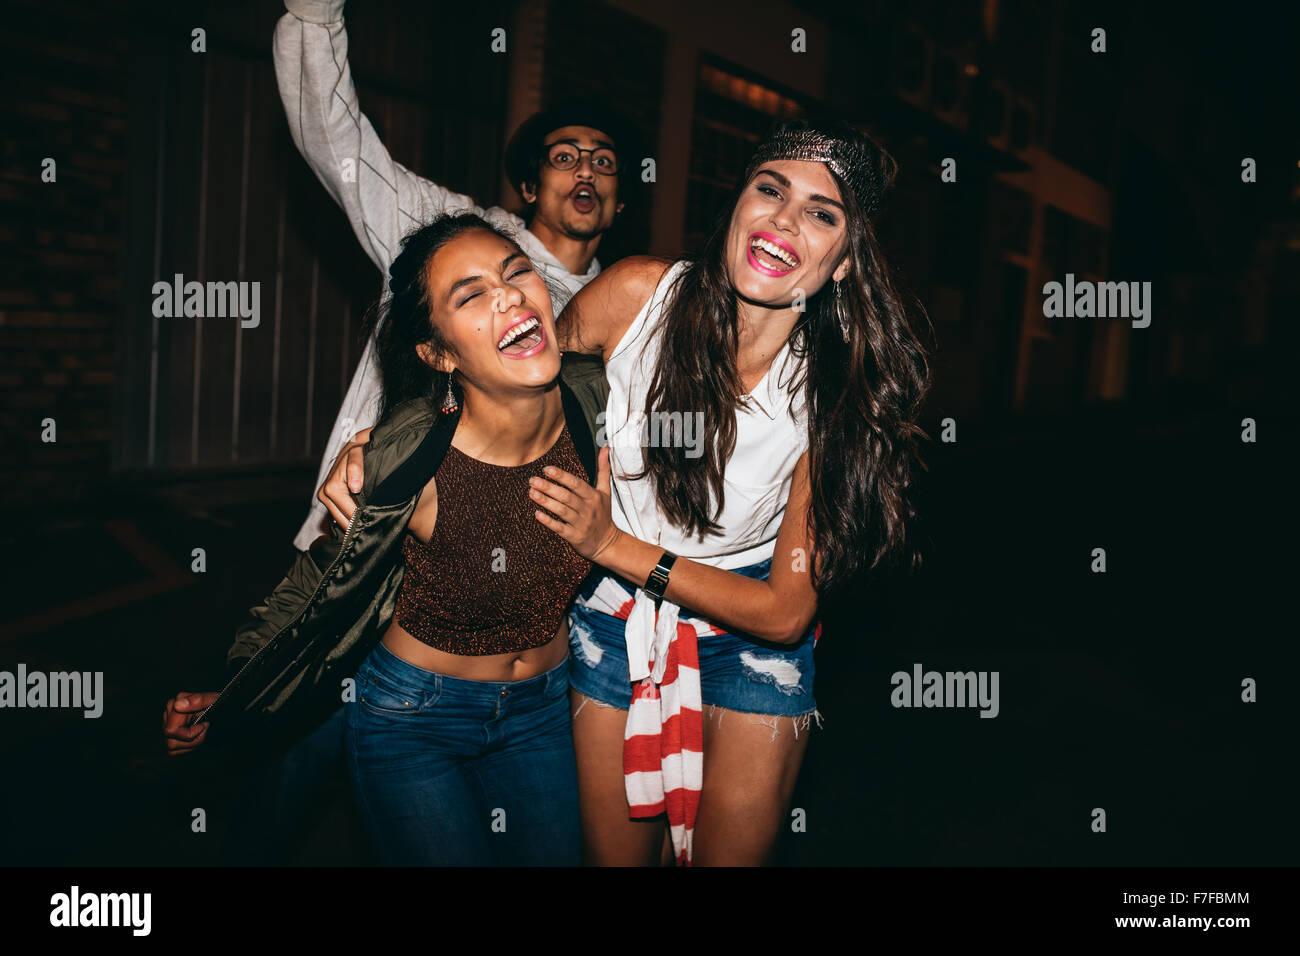 Portrait de trois jeunes amis avoir partie à l'extérieur. Cheerful young best friends hanging out Photo Stock